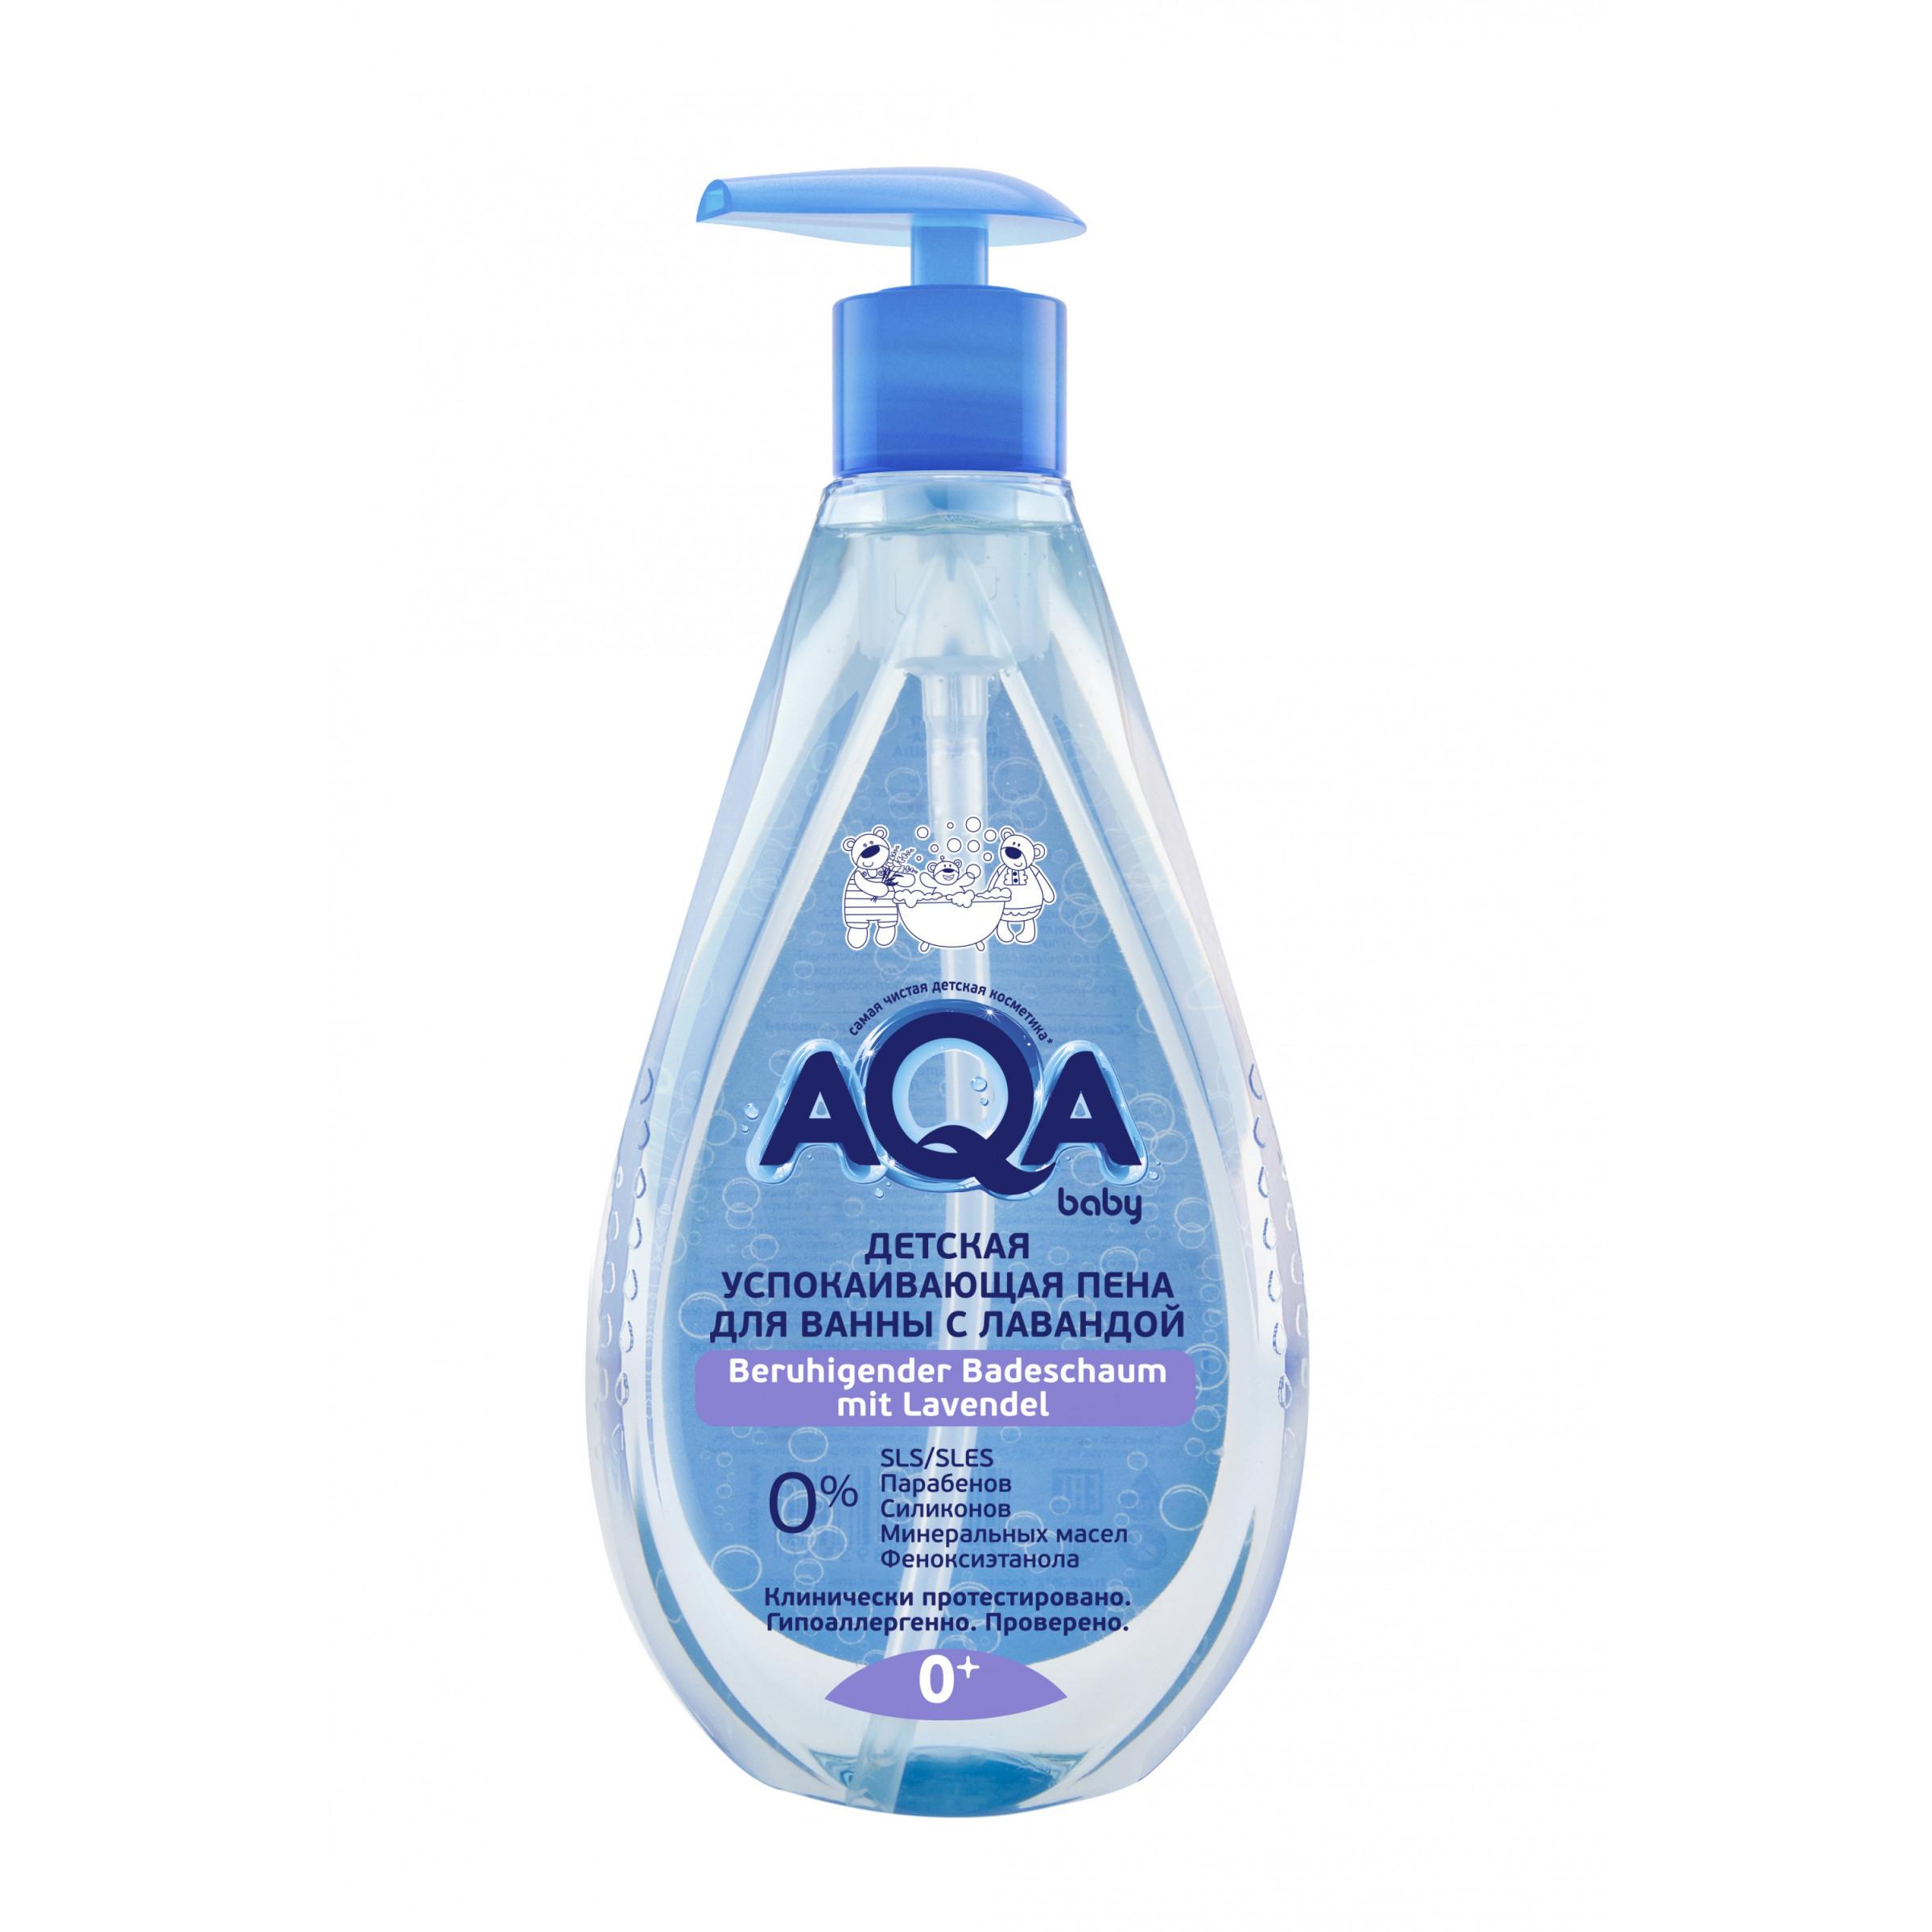 """Детская успокаивающая пена для ванны """"AQA baby"""" с лавандой, 400 мл."""